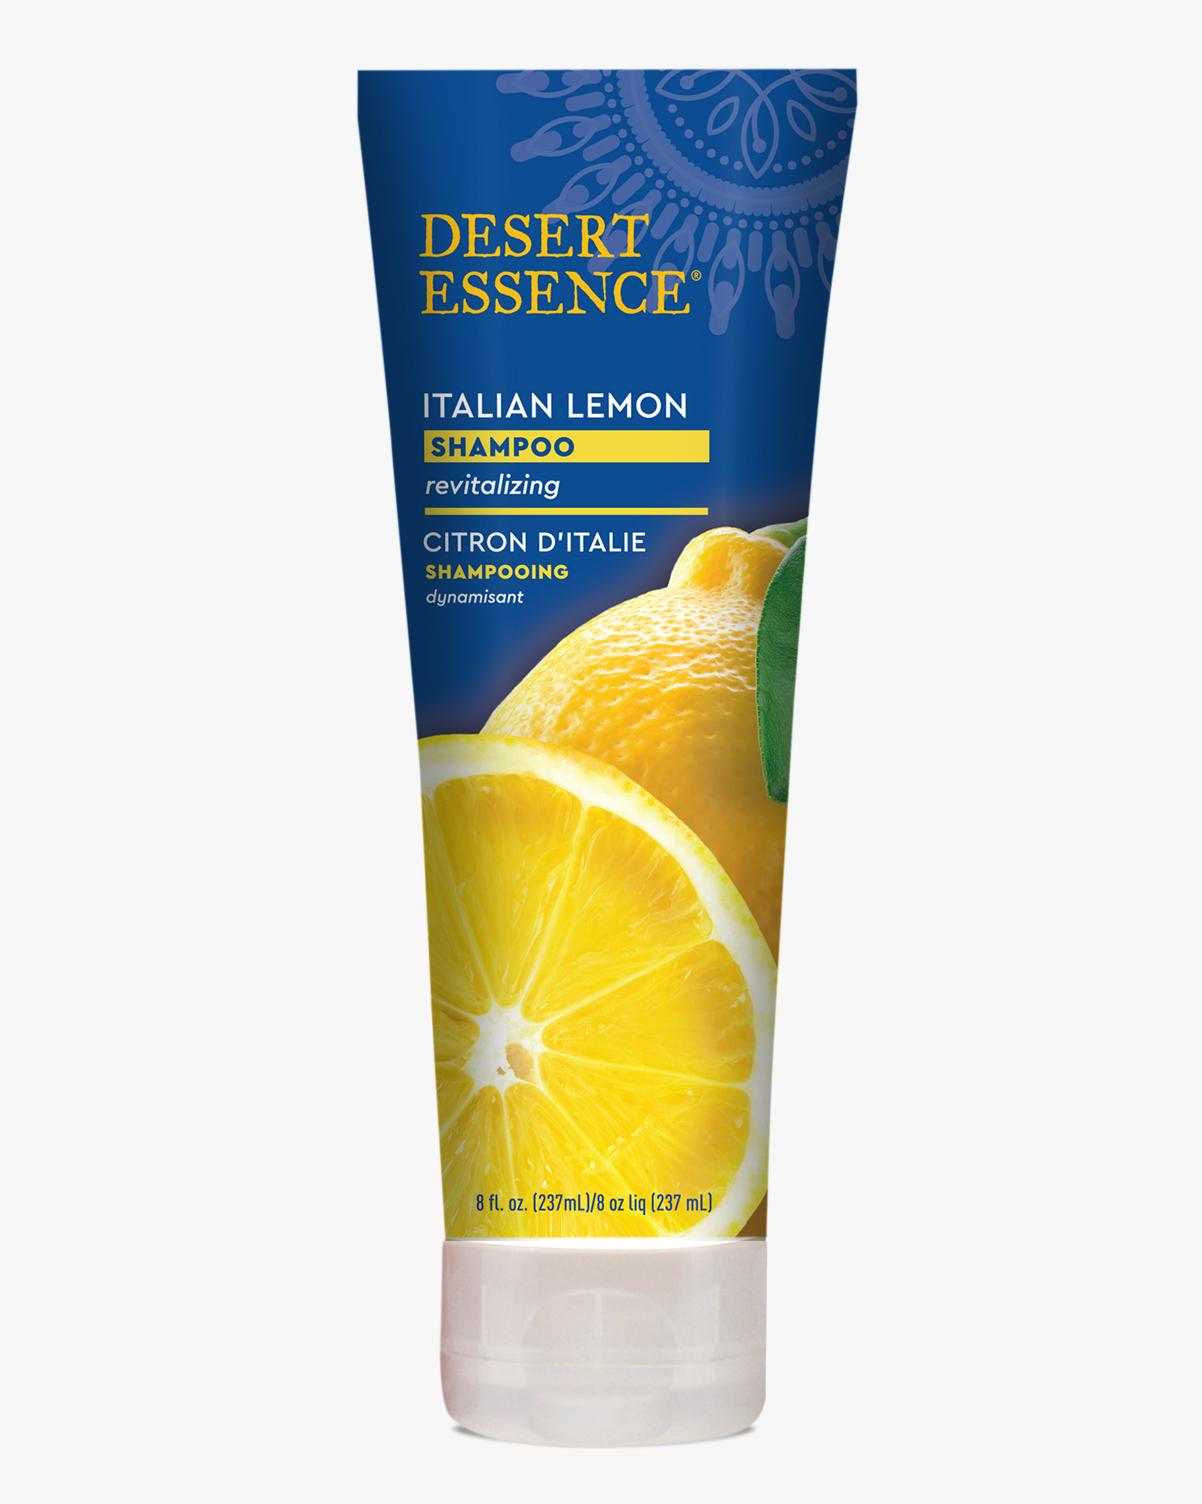 Desert Essence coupon: Desert Essence Italian Lemon Shampoo, 8 fl. oz. | Vegan | Gluten-Free